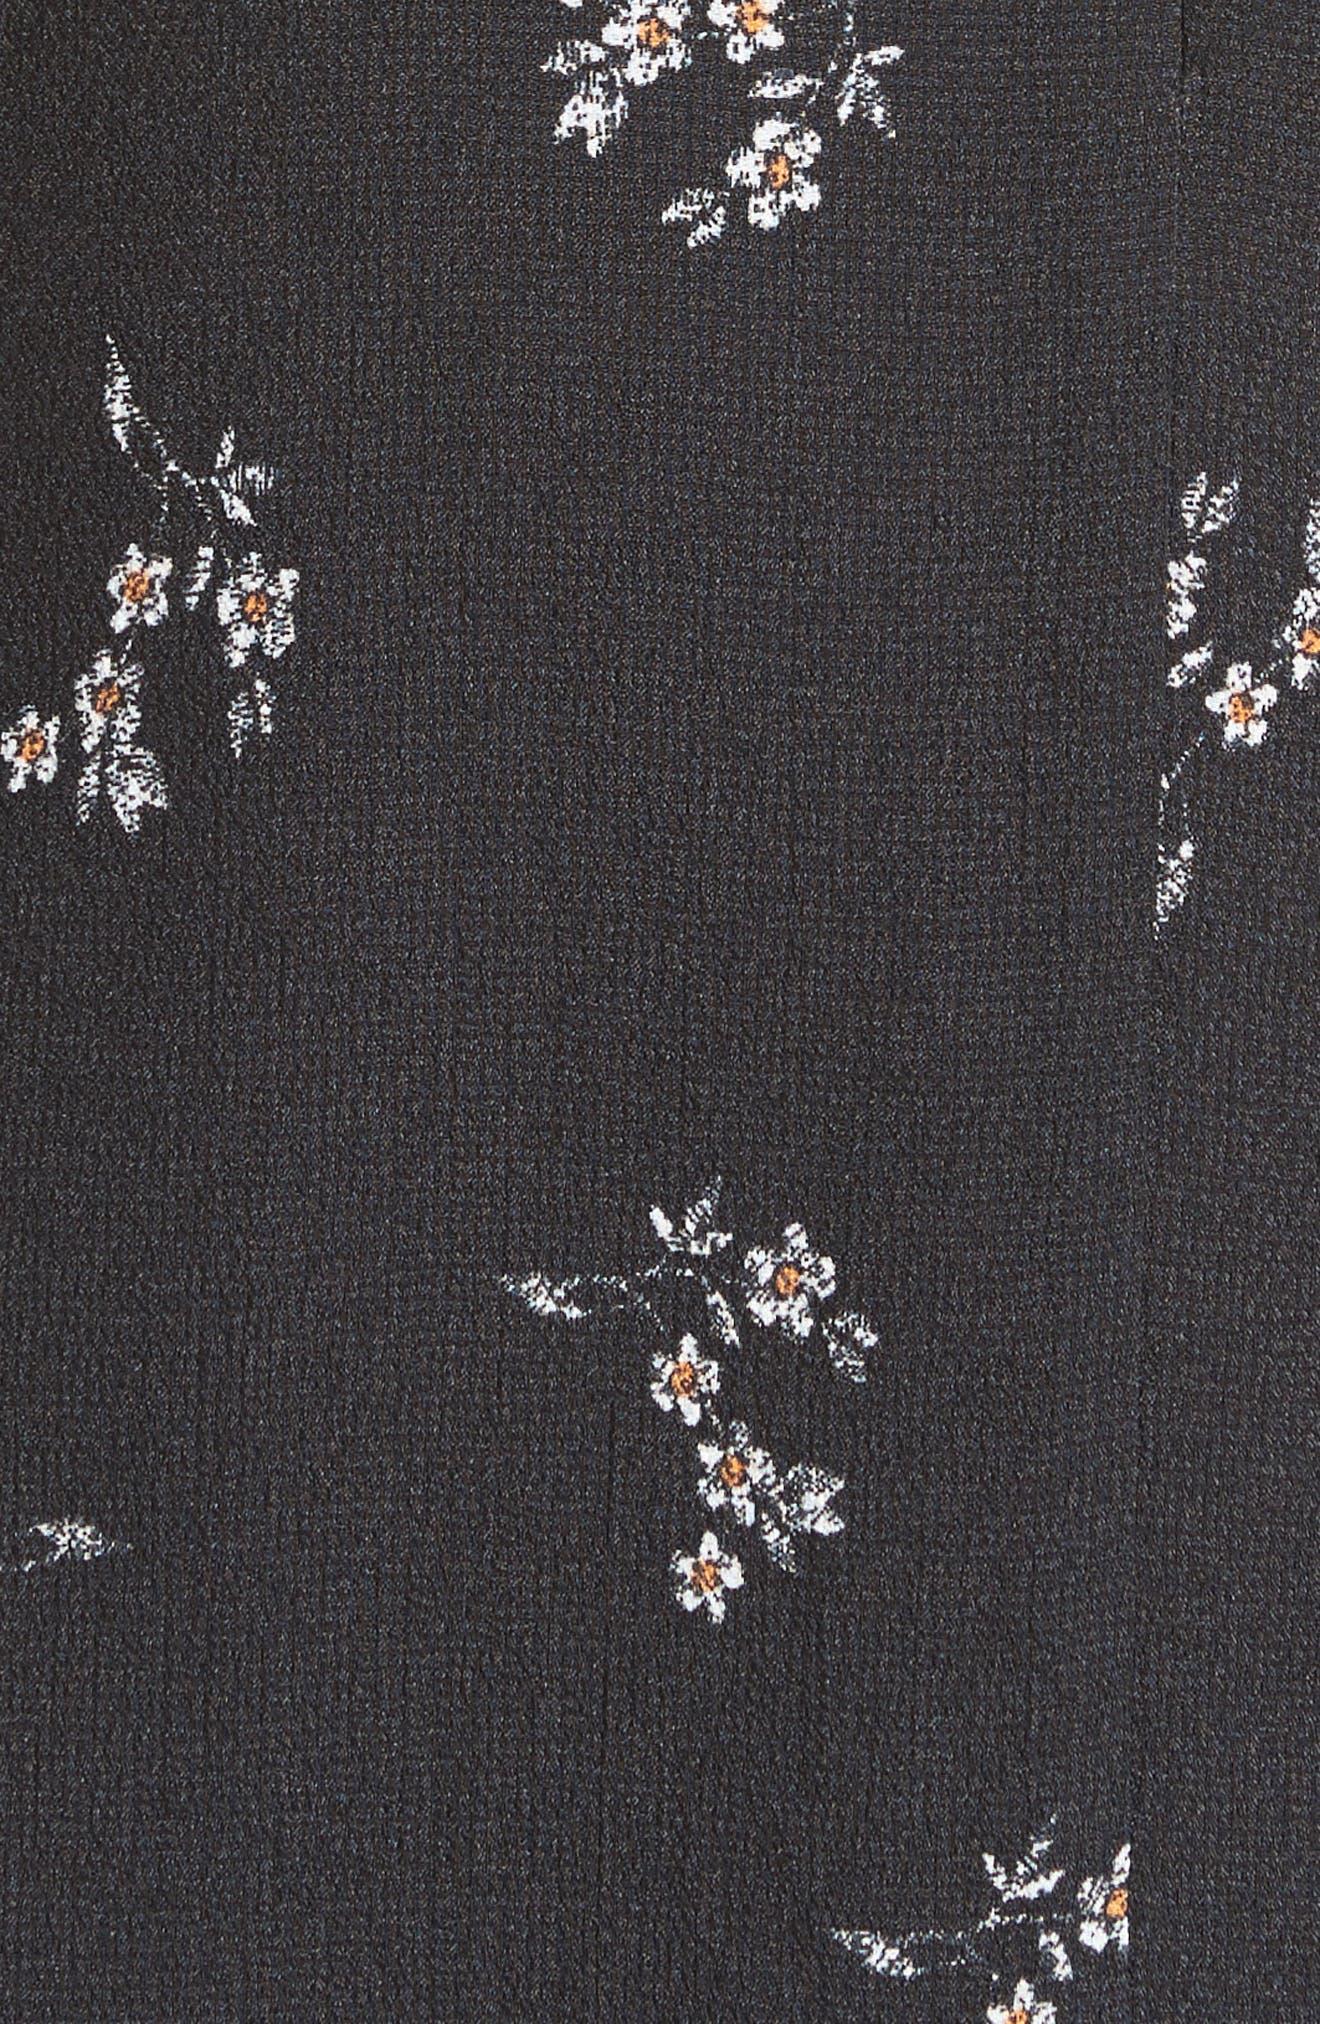 Lila Floral A-Line Dress,                             Alternate thumbnail 5, color,                             006